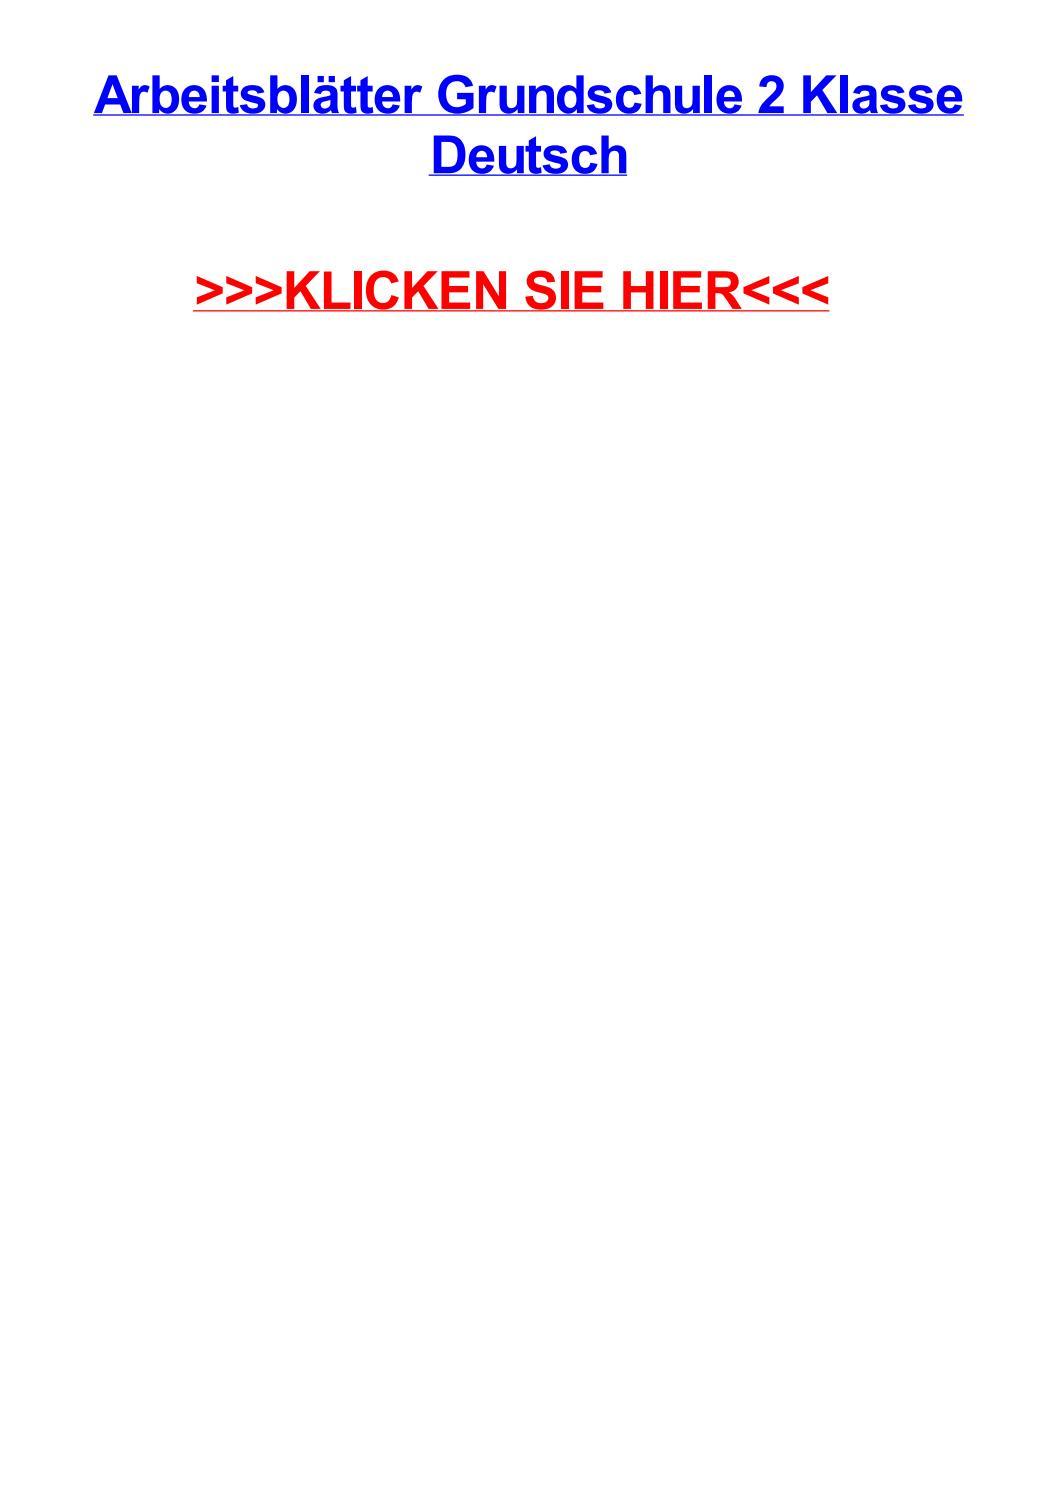 Arbeitsbltter grundschule 2 klasse deutsch by jonathannmjzu - issuu